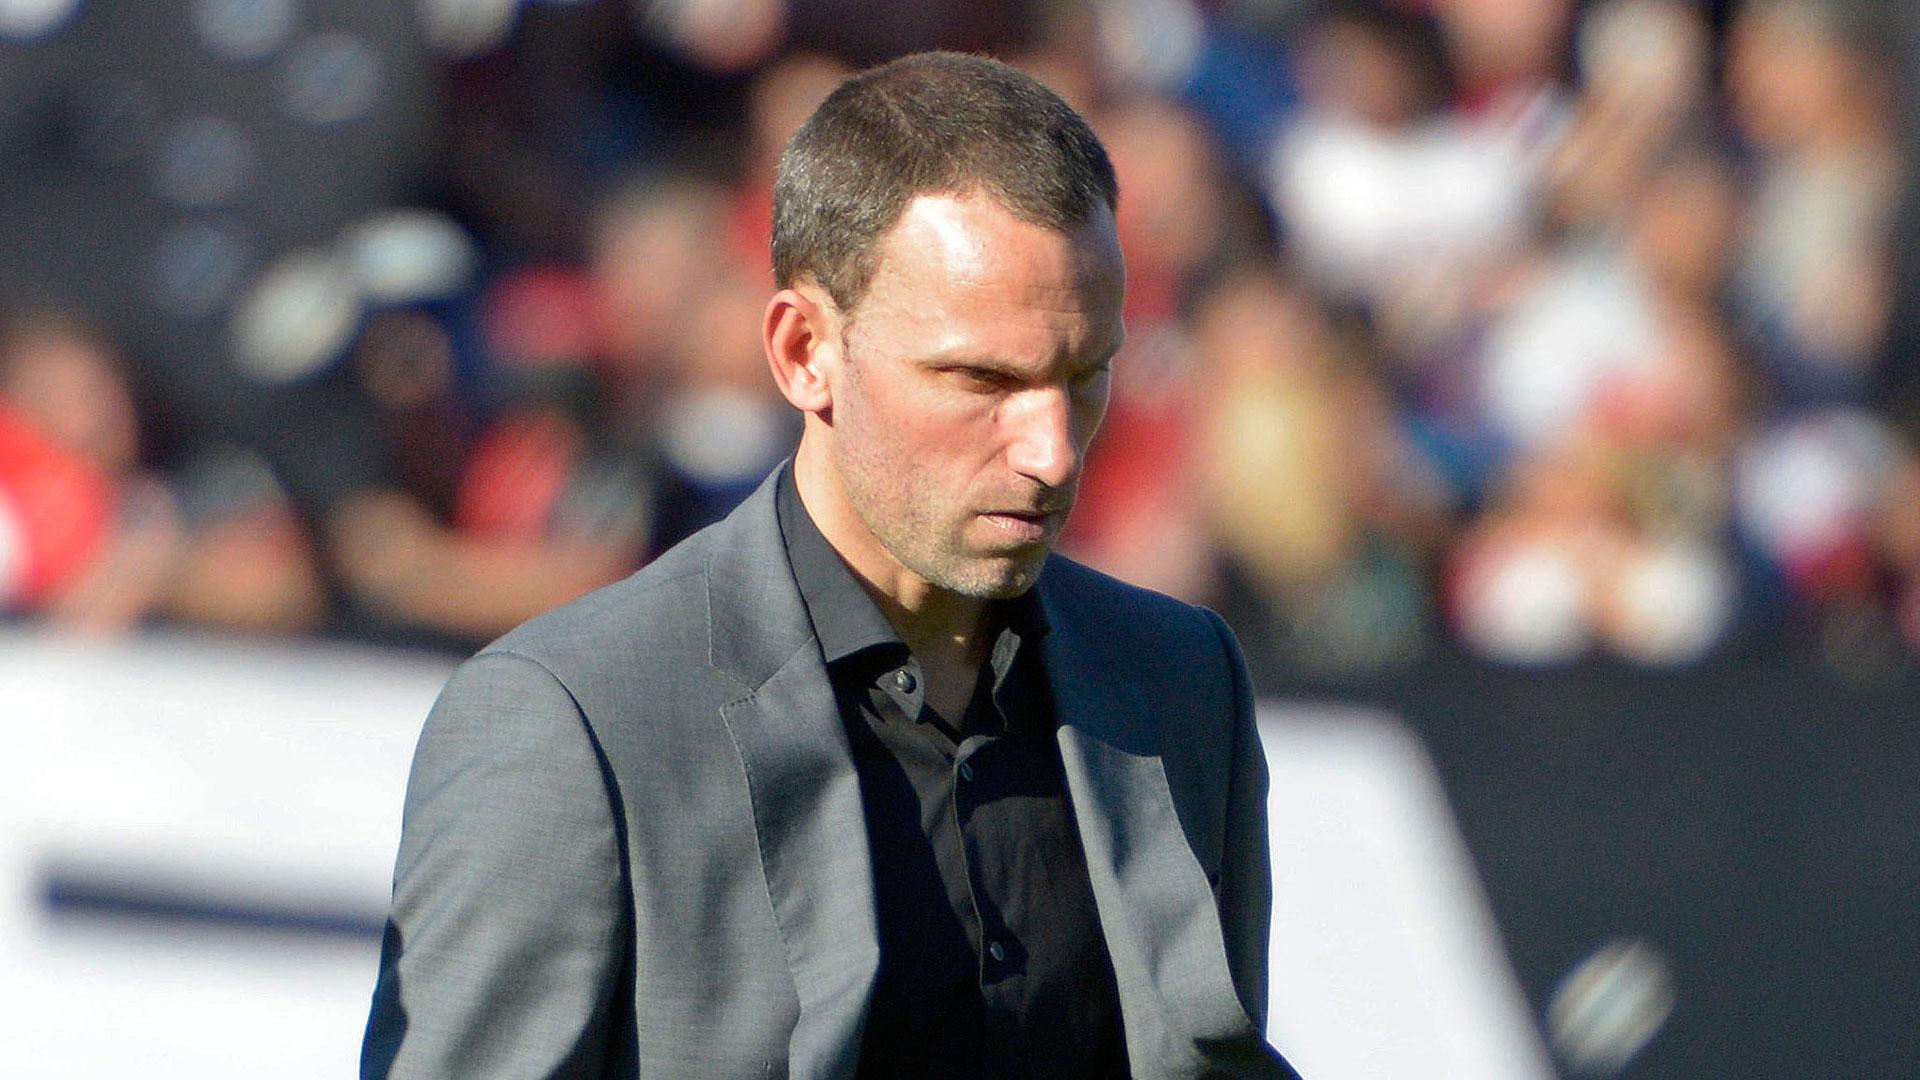 Lucas Bernardi dejó de ser el técnico de Estudiantes de La Plata tras la caída con Racing en el estadio Único, por la 26° fecha de la Superliga (NA)